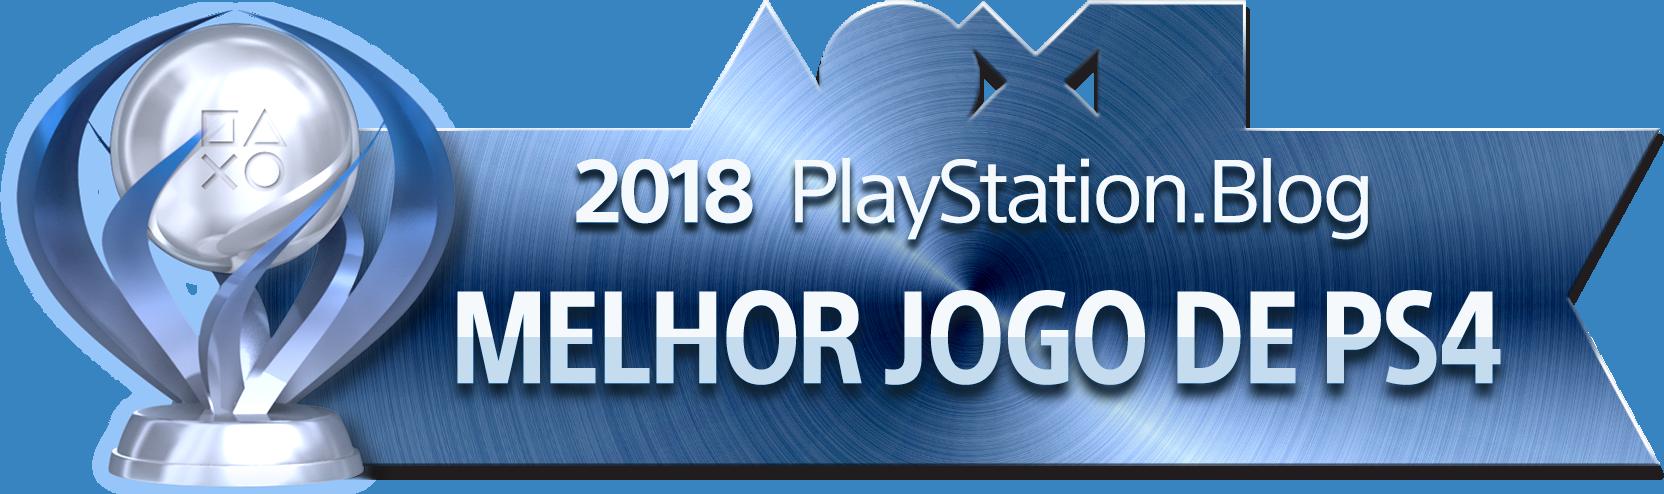 Best PS4 Game - Platinum